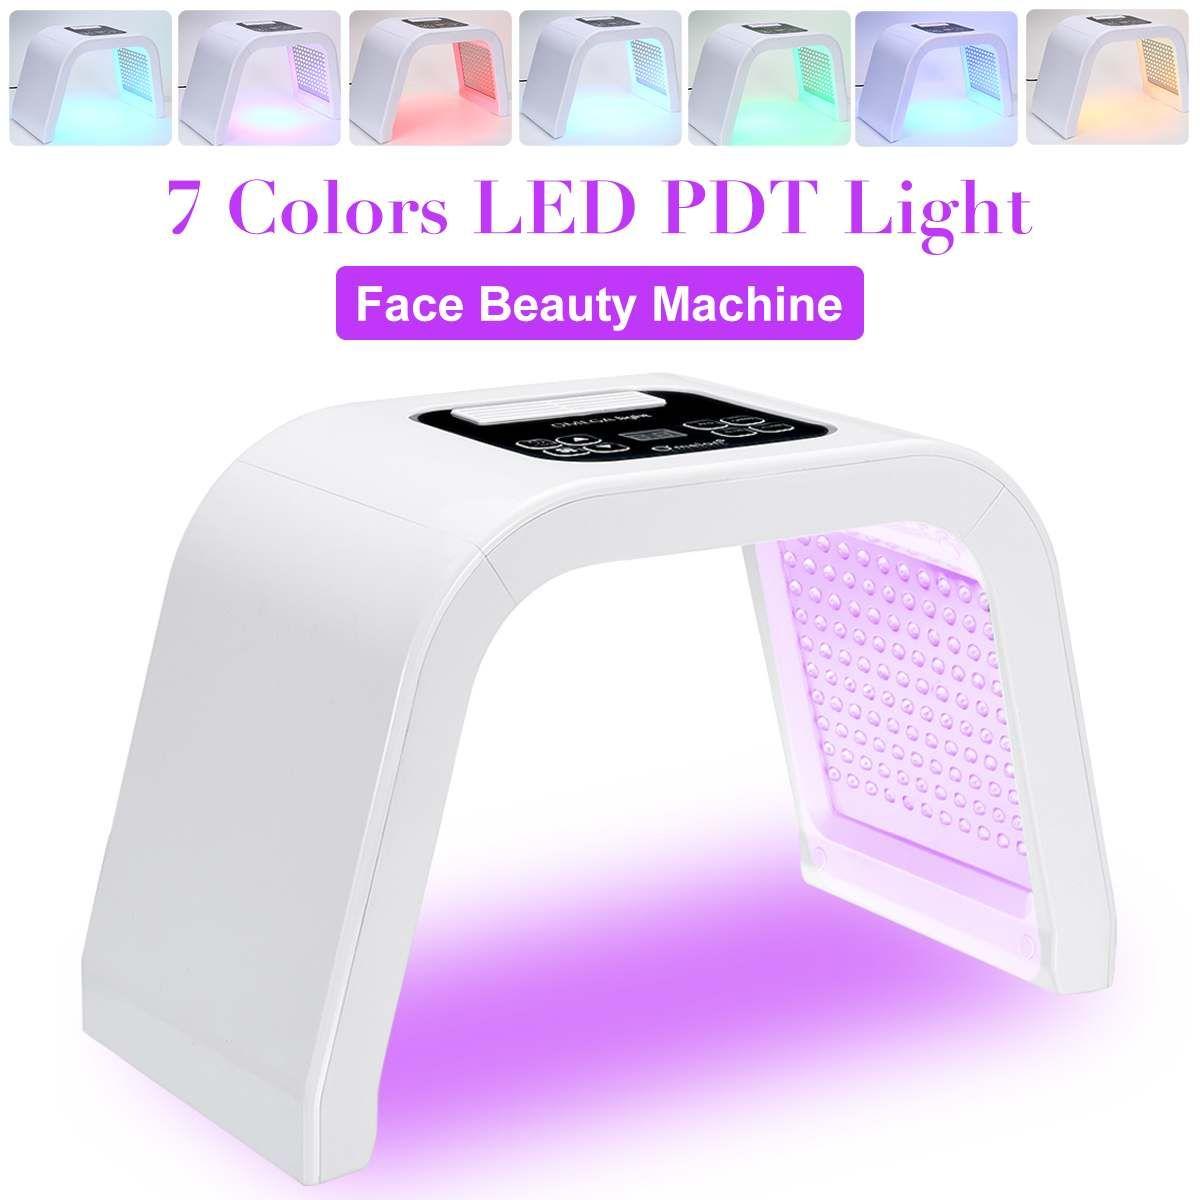 7 ألوان pdt led الوجه الضوئي الفوتون ضوء العلاج قناع الجلد تشديد آلة الجمال قناع الوجه المضادة للشيخوخة ل عودة حب الشباب